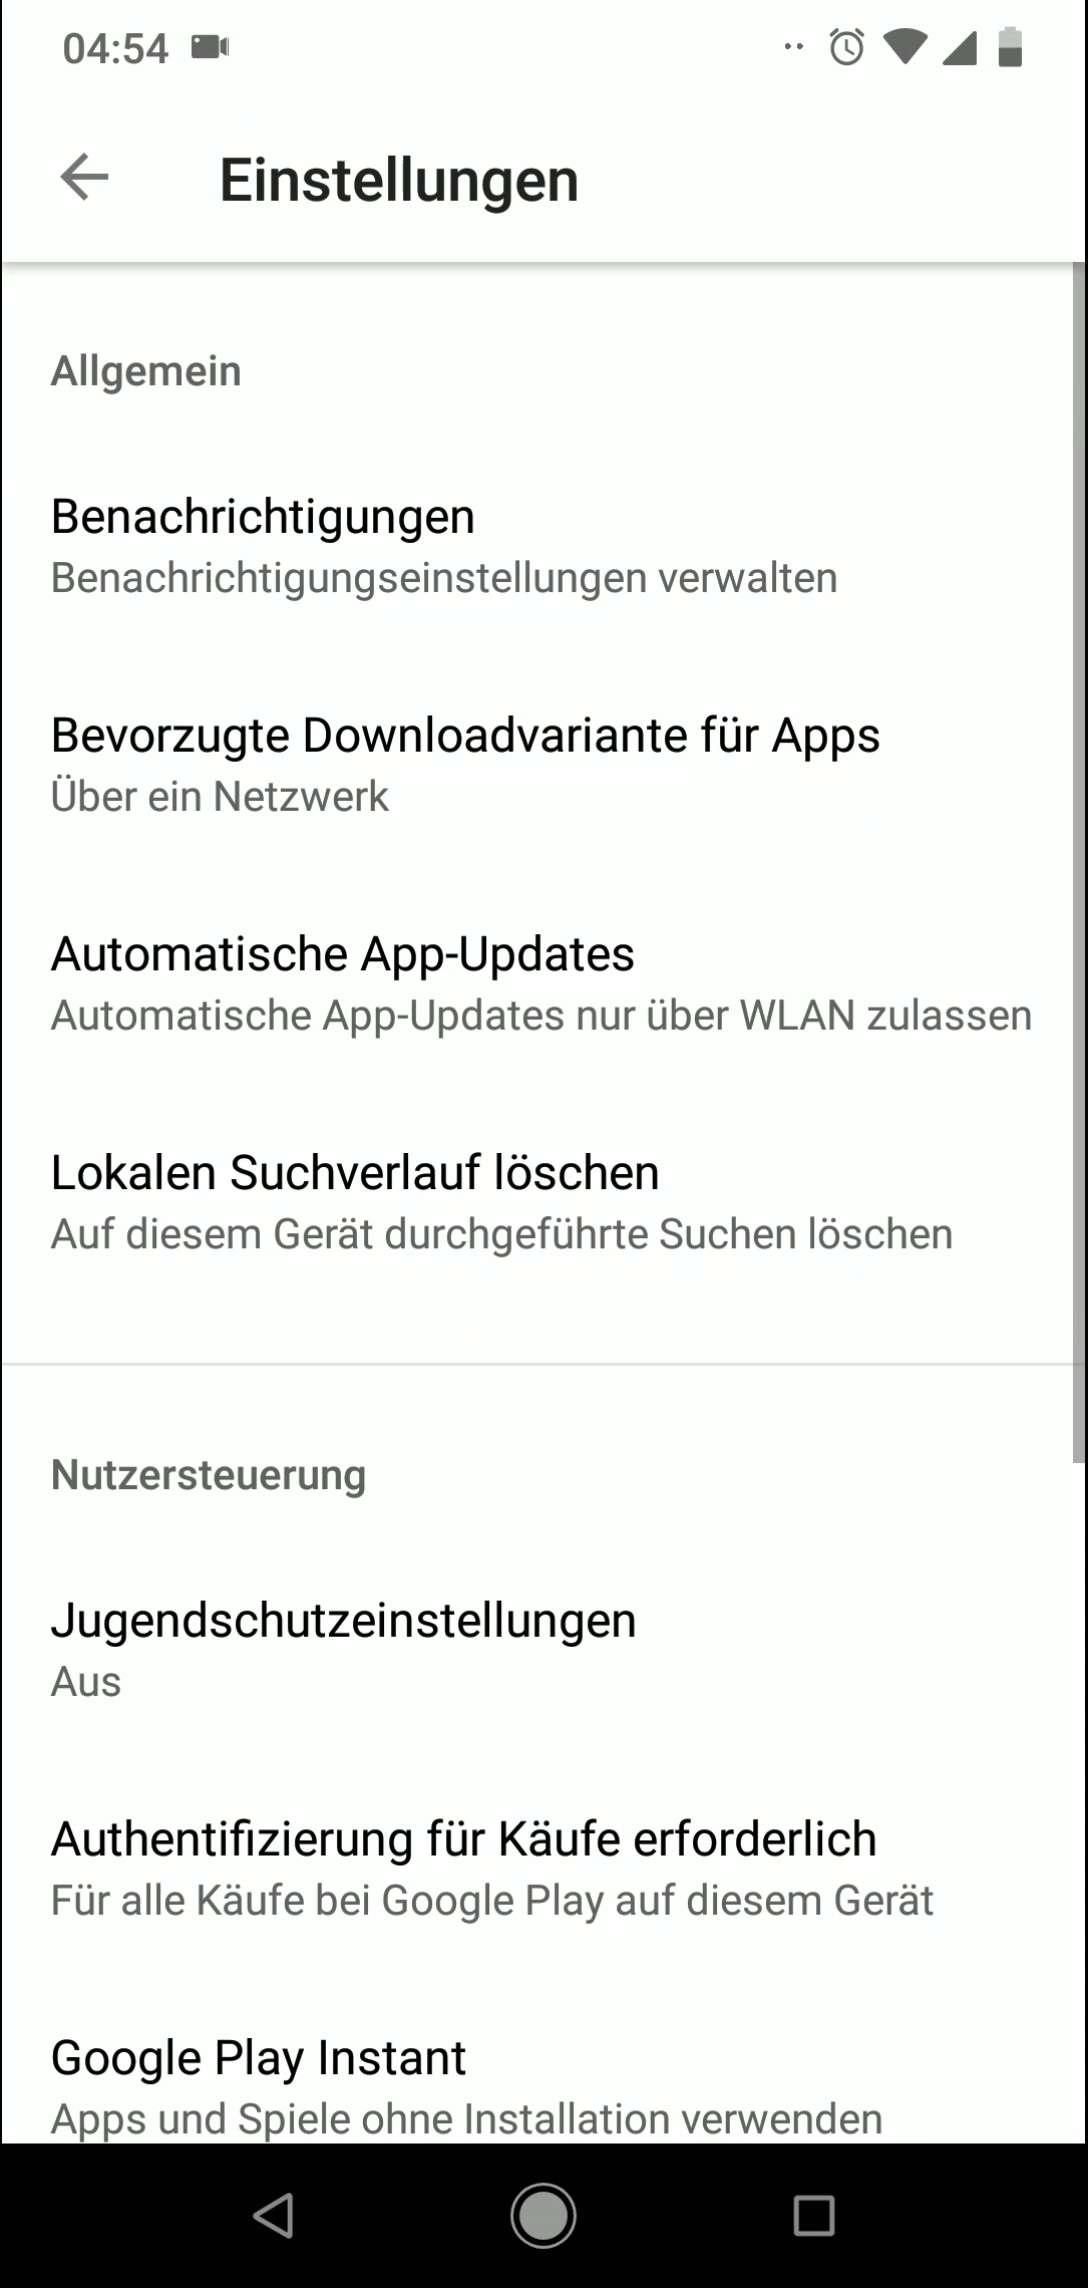 Schritt 4: Tippe auf Bevorzugte Downloadvariante für Apps